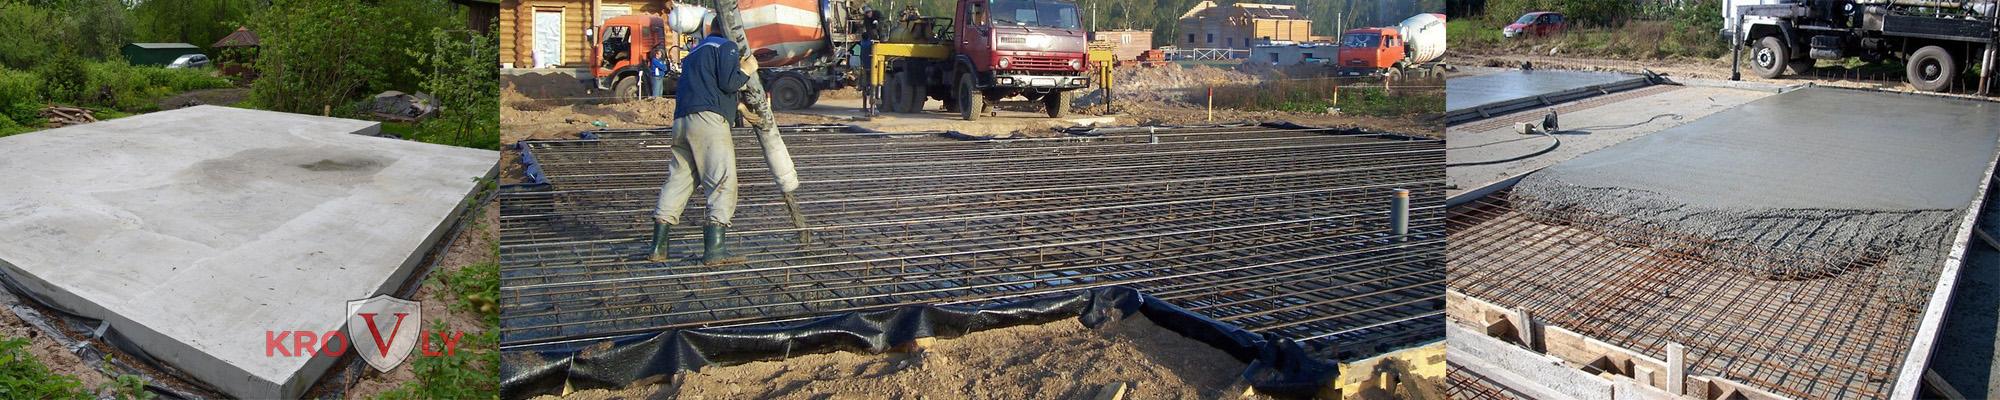 Устройство монолитного пола и основания, заливка пола бетоном